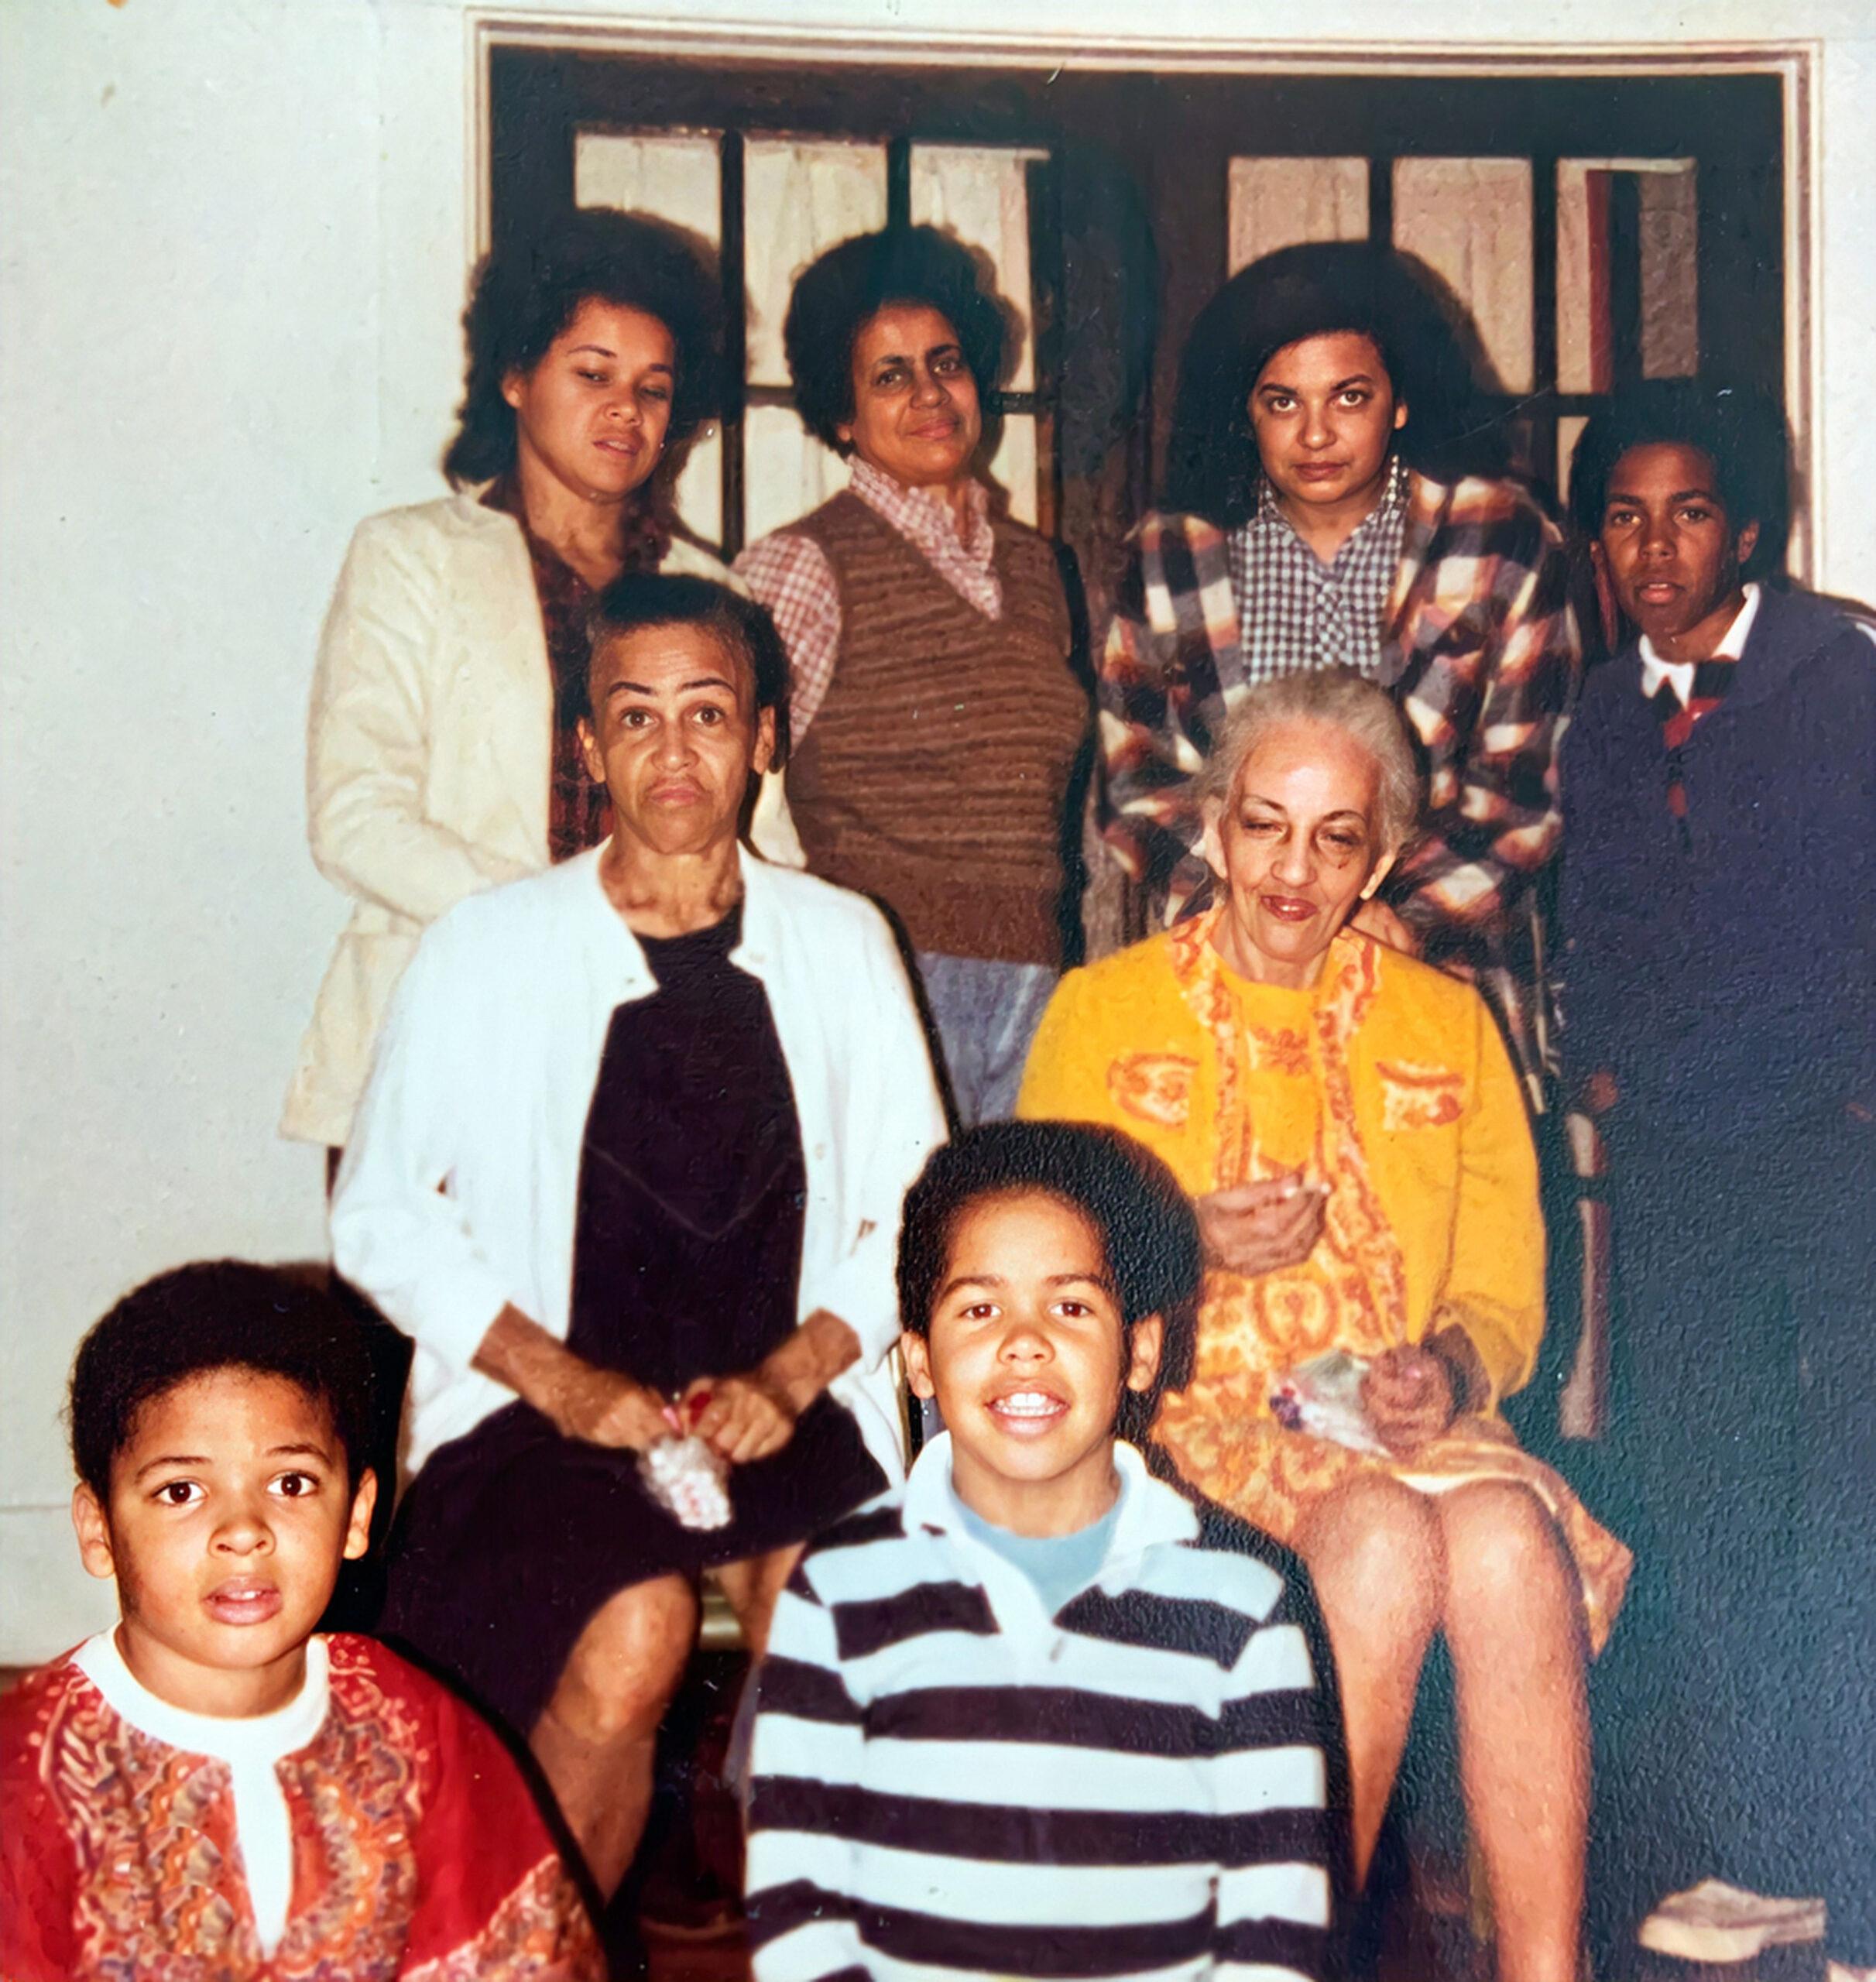 Top: Katie, Gloria, Daisy, Darryl, Middle:Milwee, Ethel Btm: Van N., Brandon Shared by Timothy J